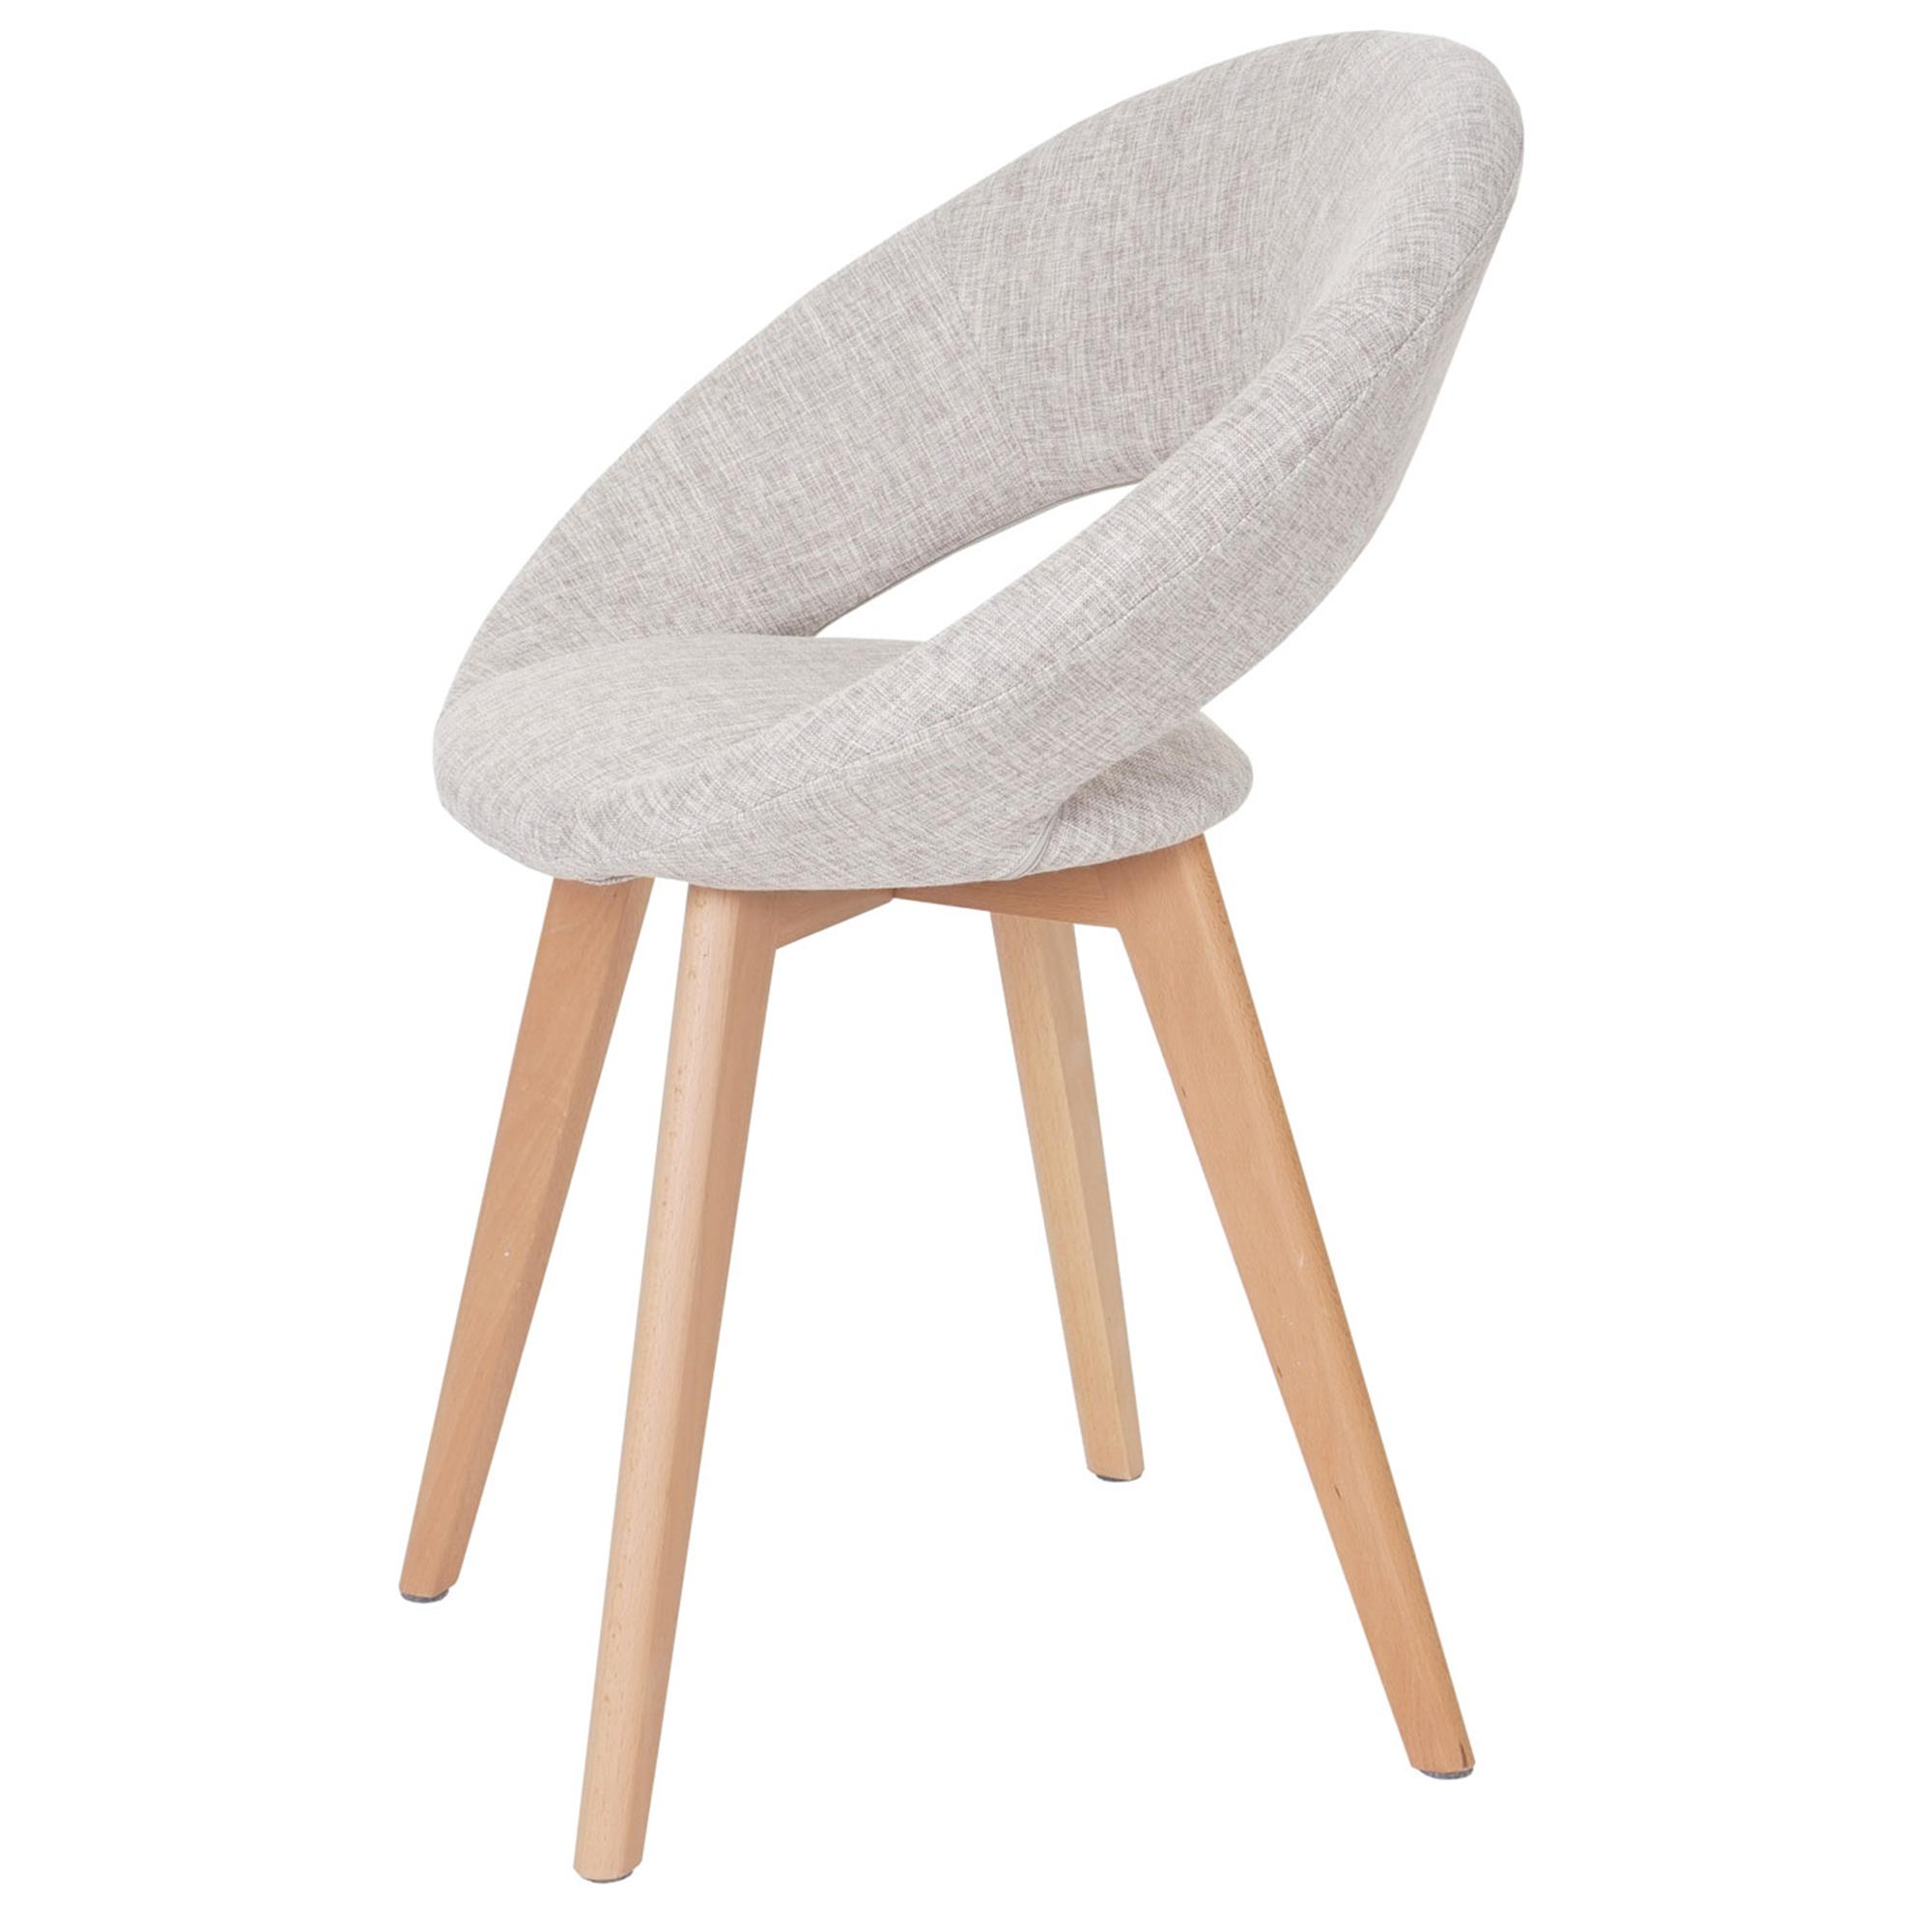 Silla de comedor vedri dise o retro en tela crema silla for Sillas de tela comedor